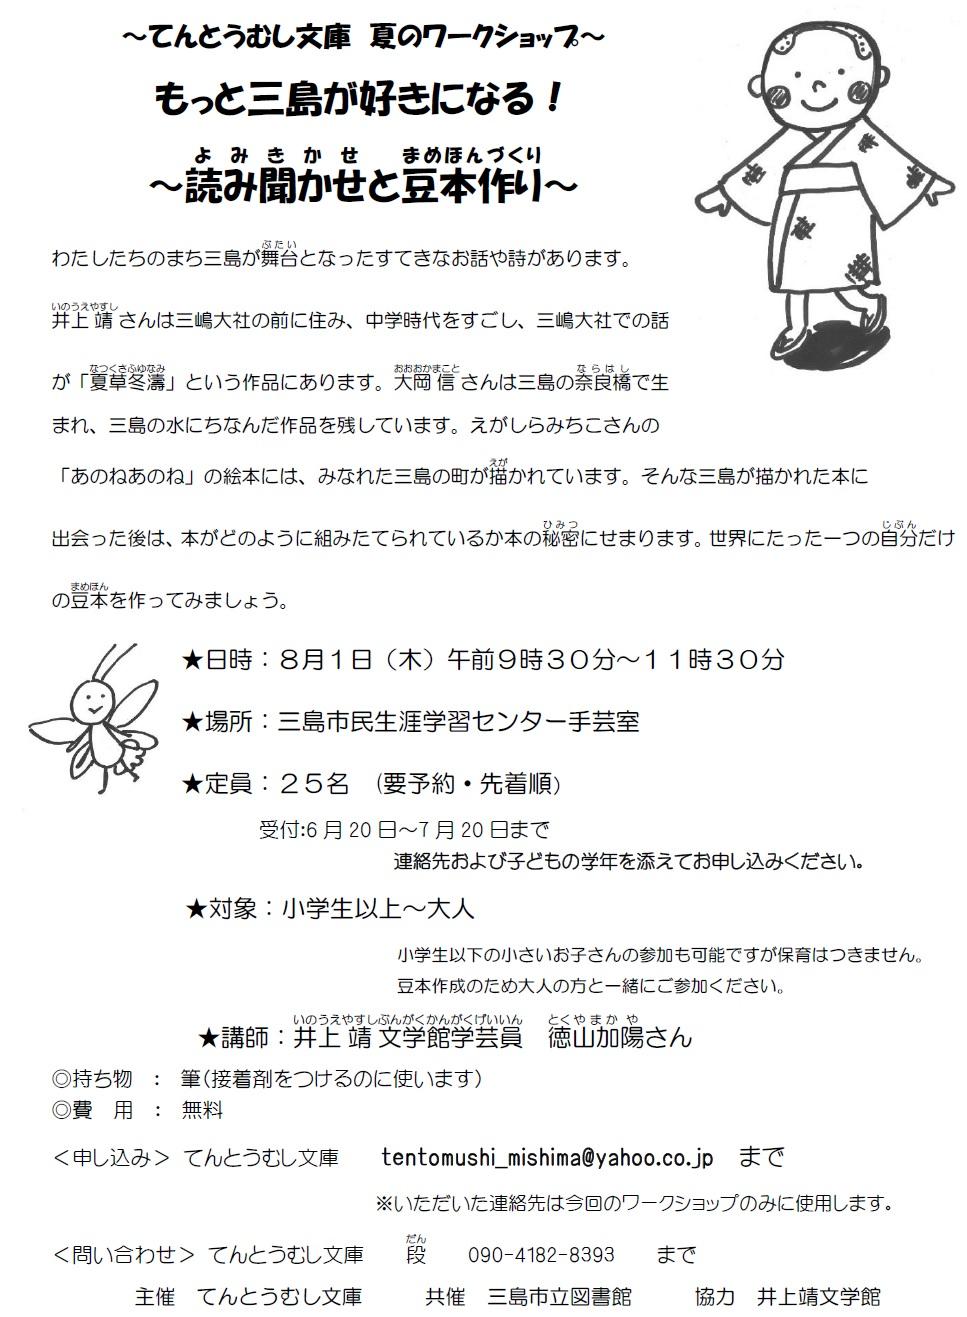 ~てんとうむし文庫 夏のワークショップ~もっと三島が好きになる!~読み聞かせ(よみきかせ)と豆本作り(まめほんづくり)~